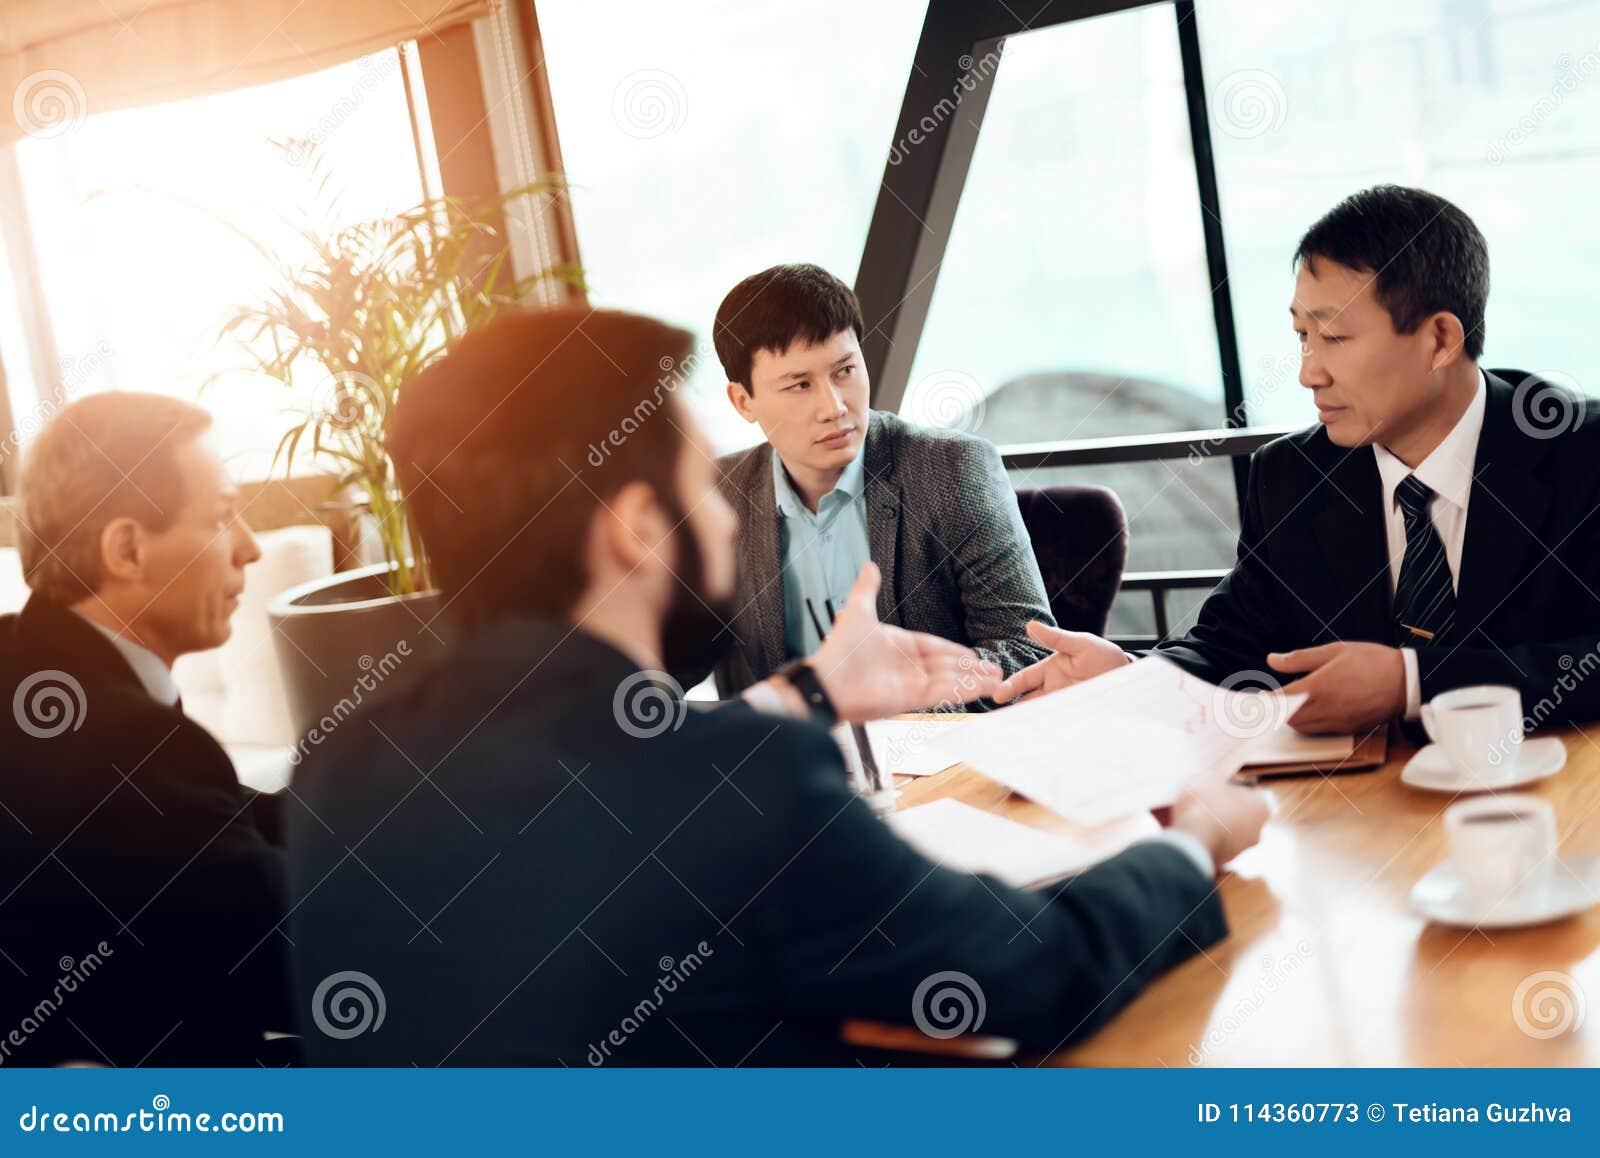 rencontre d homme d affaire description type pour site de rencontre